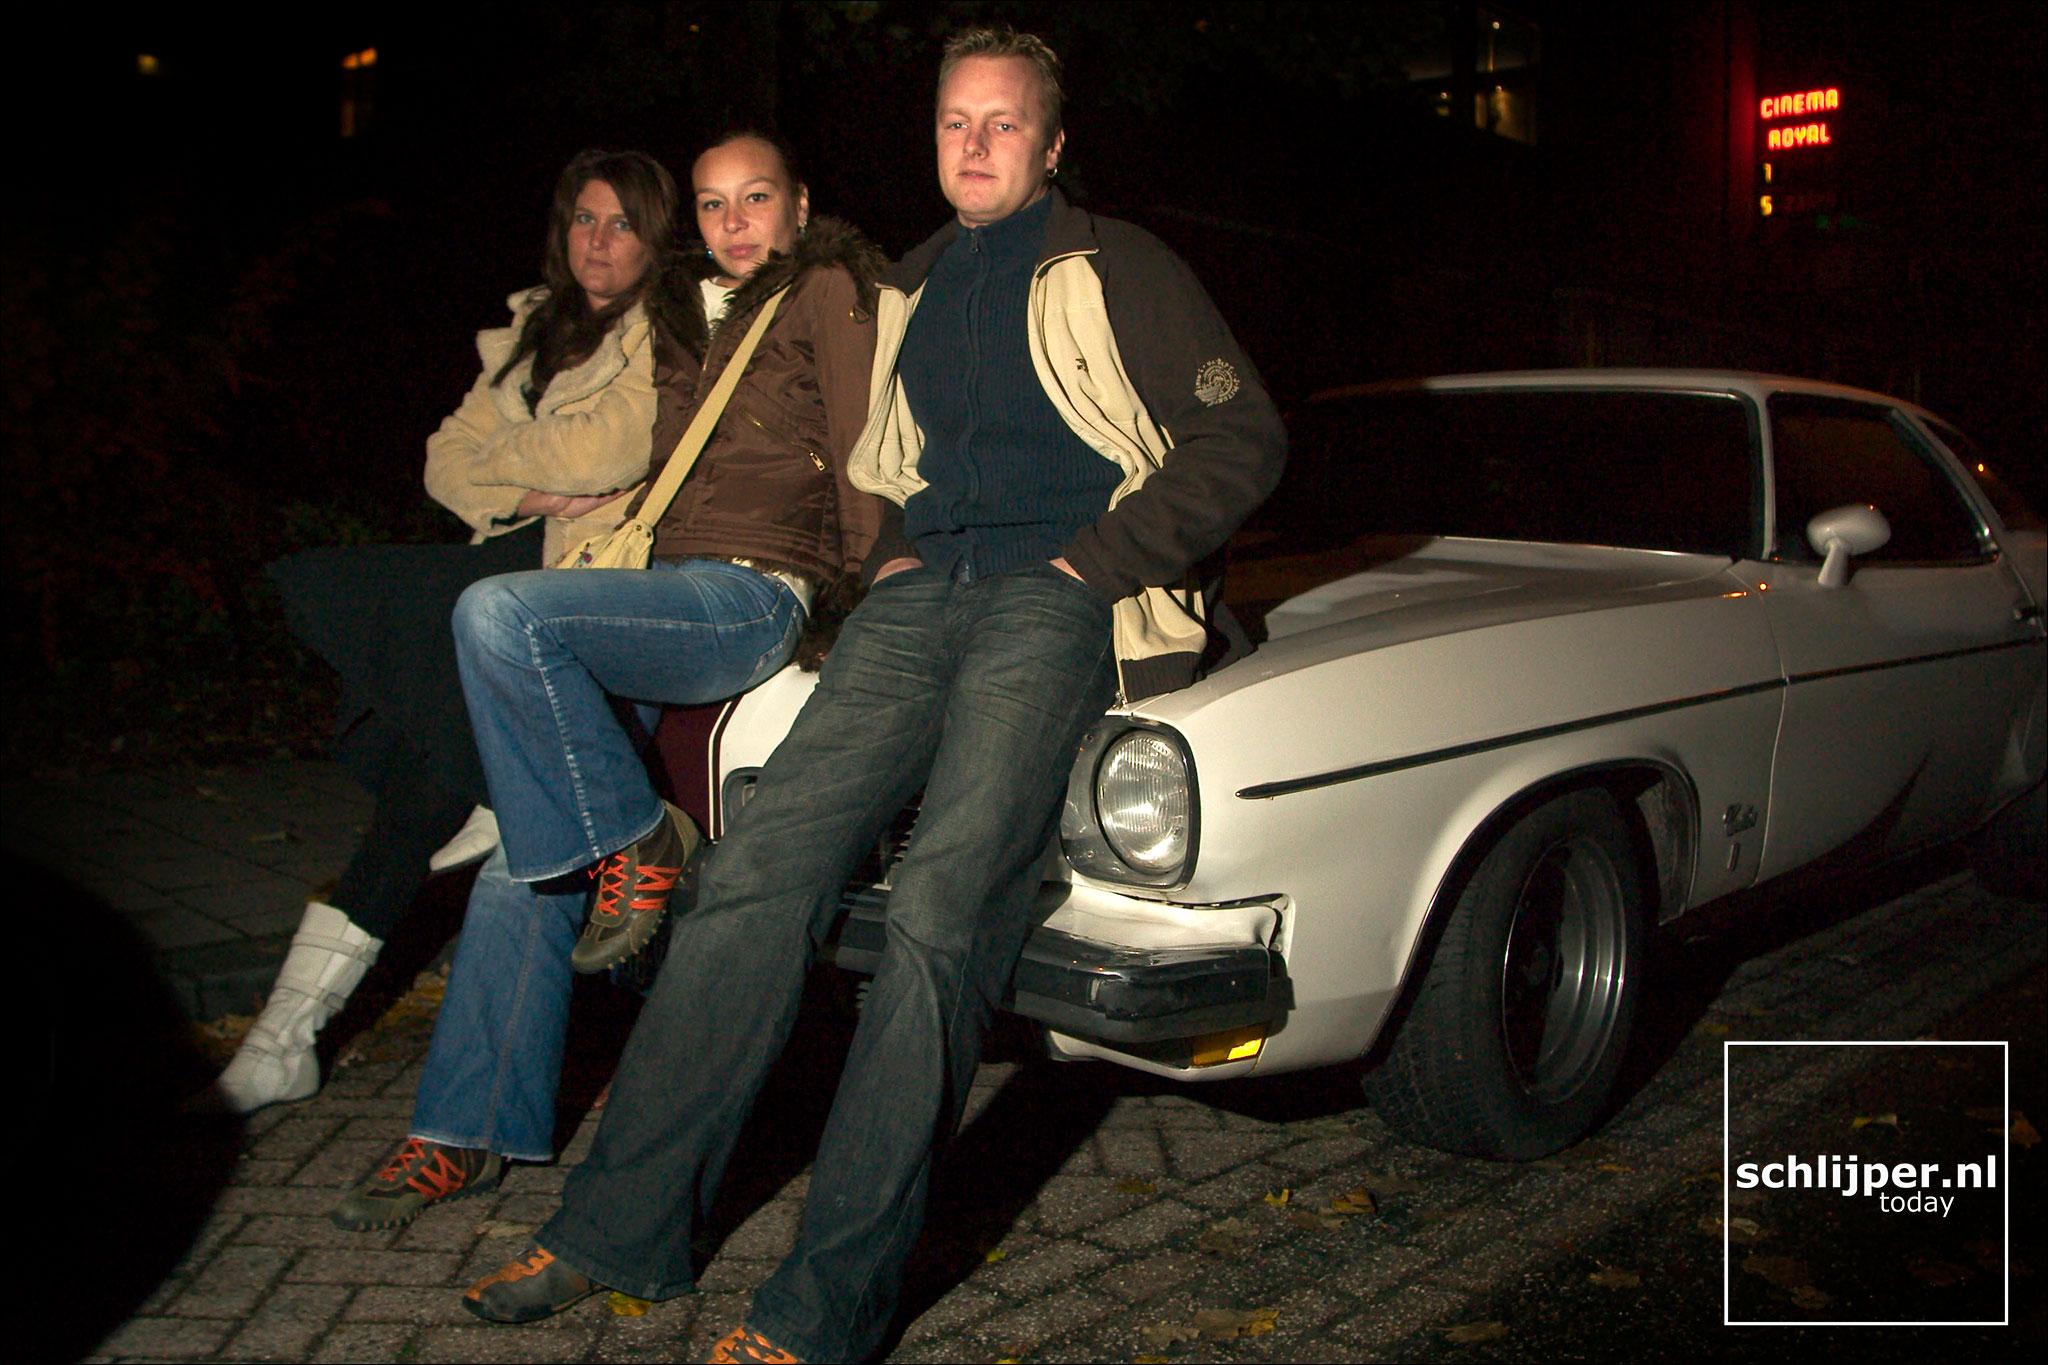 Nederland, Oss, 26 oktober 2003